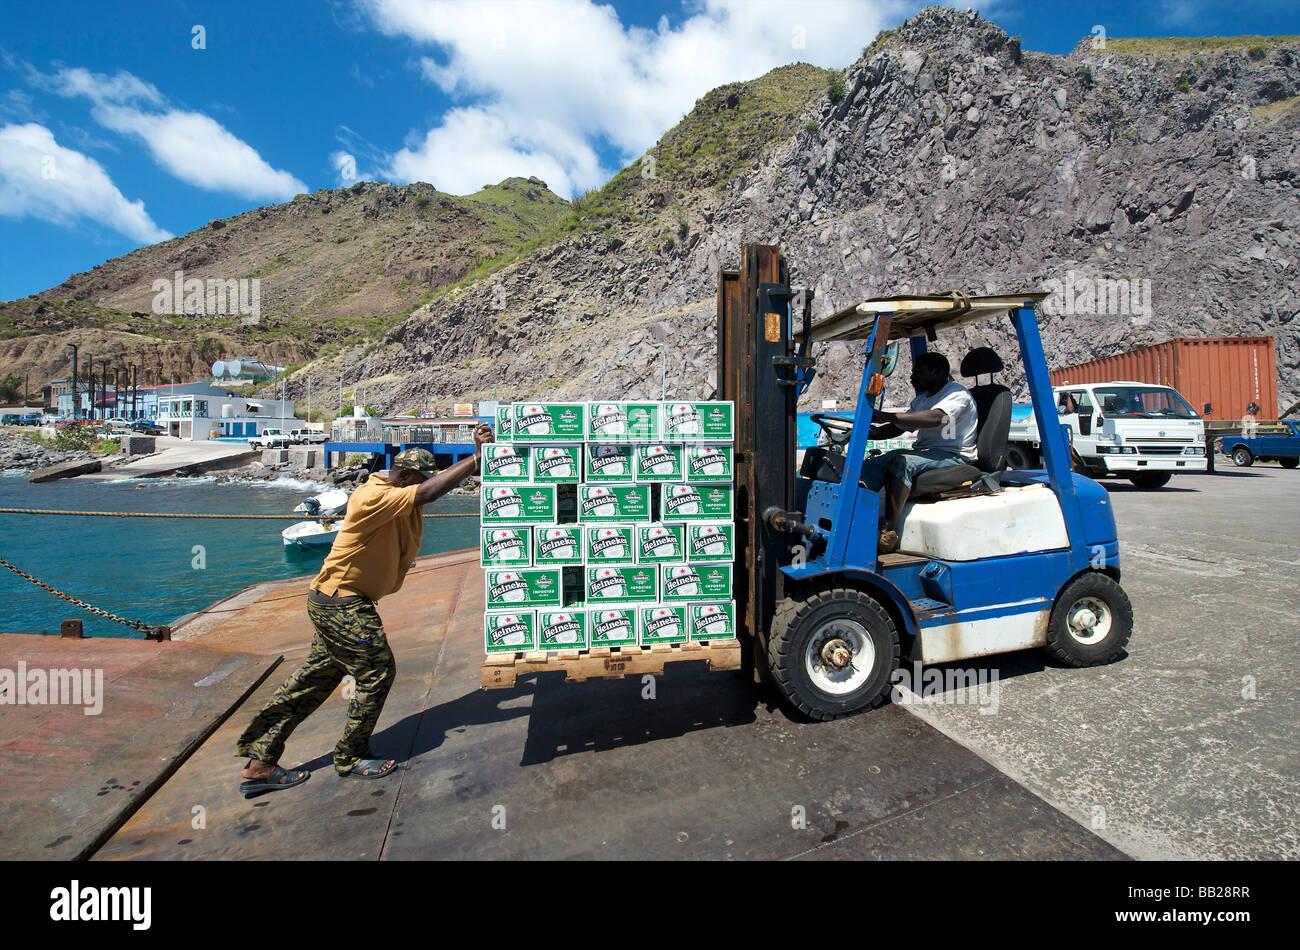 L'alcool bière boissons bovenwinden antilles antilles caraïbes société bovenwindse verre dutch eiland eilanden fort bay alimentaire harb Banque D'Images